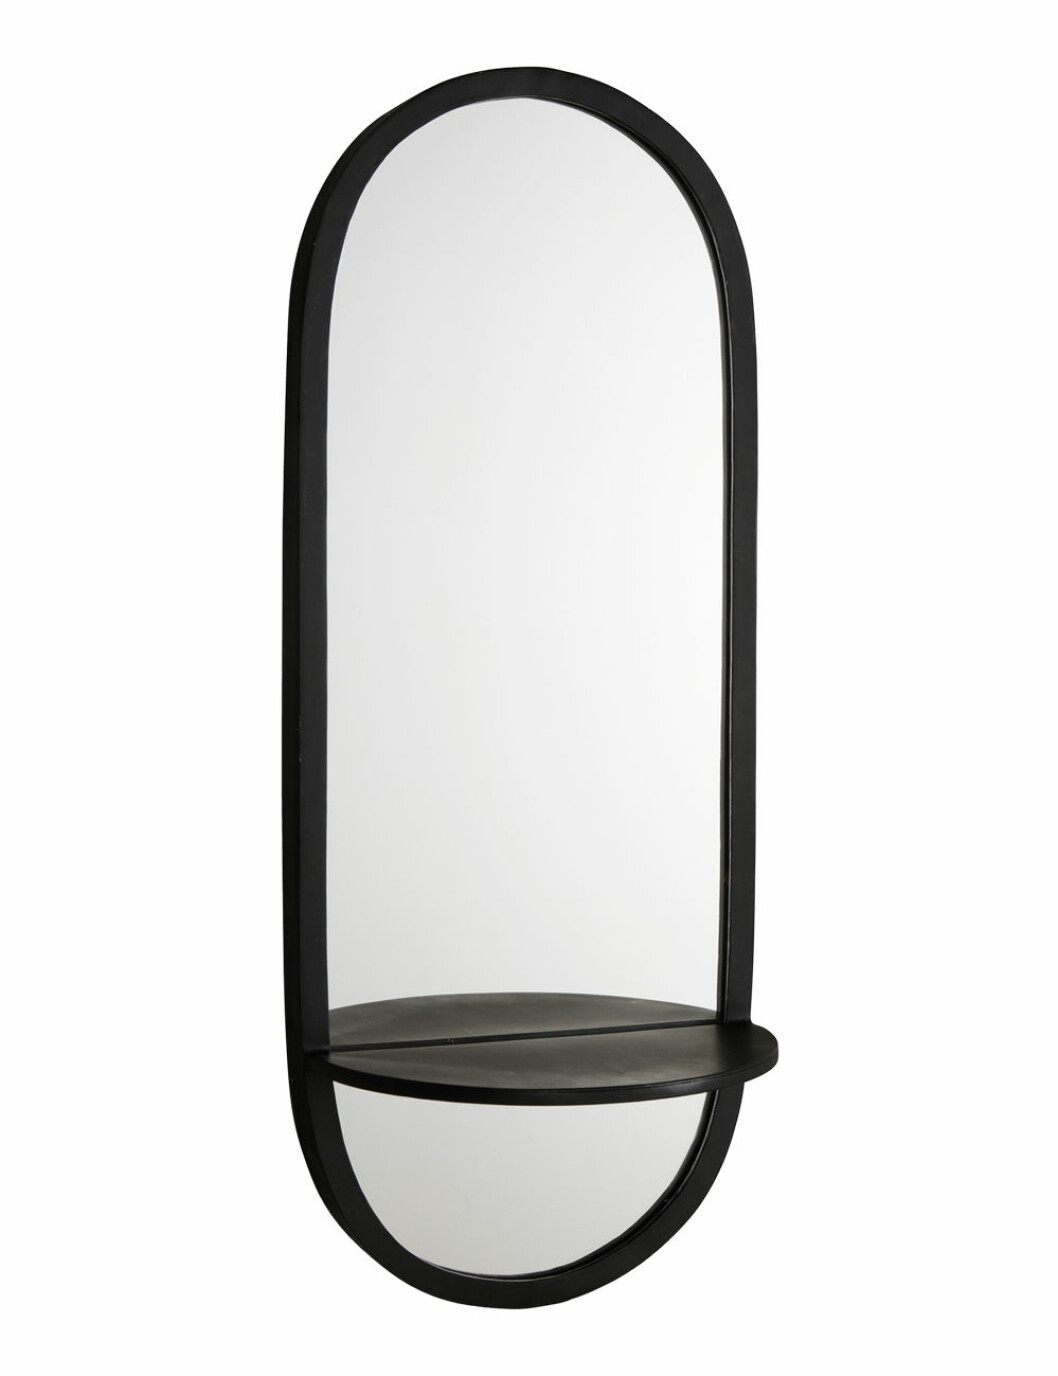 Oval spegel med hylla, från Jotex